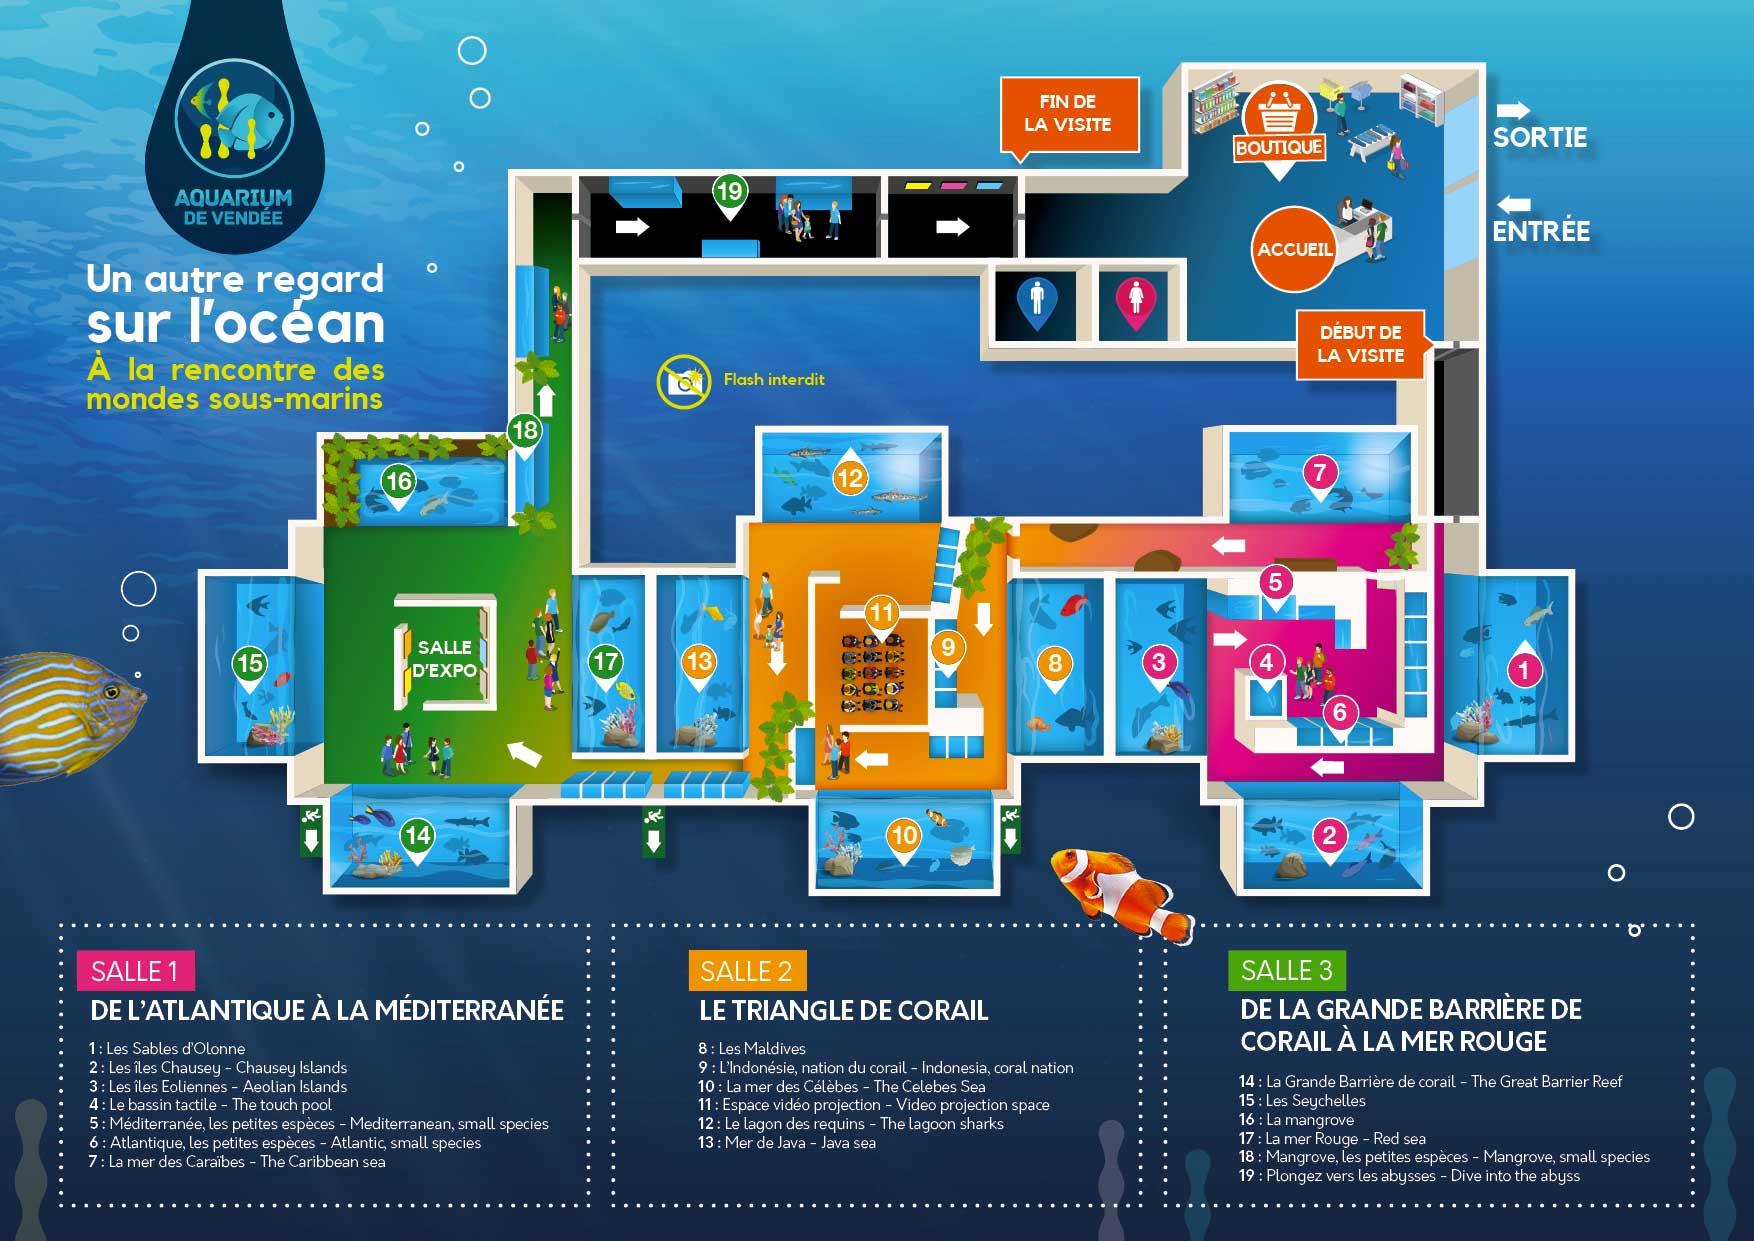 plan de l aquarium aquarium de vend 233 e